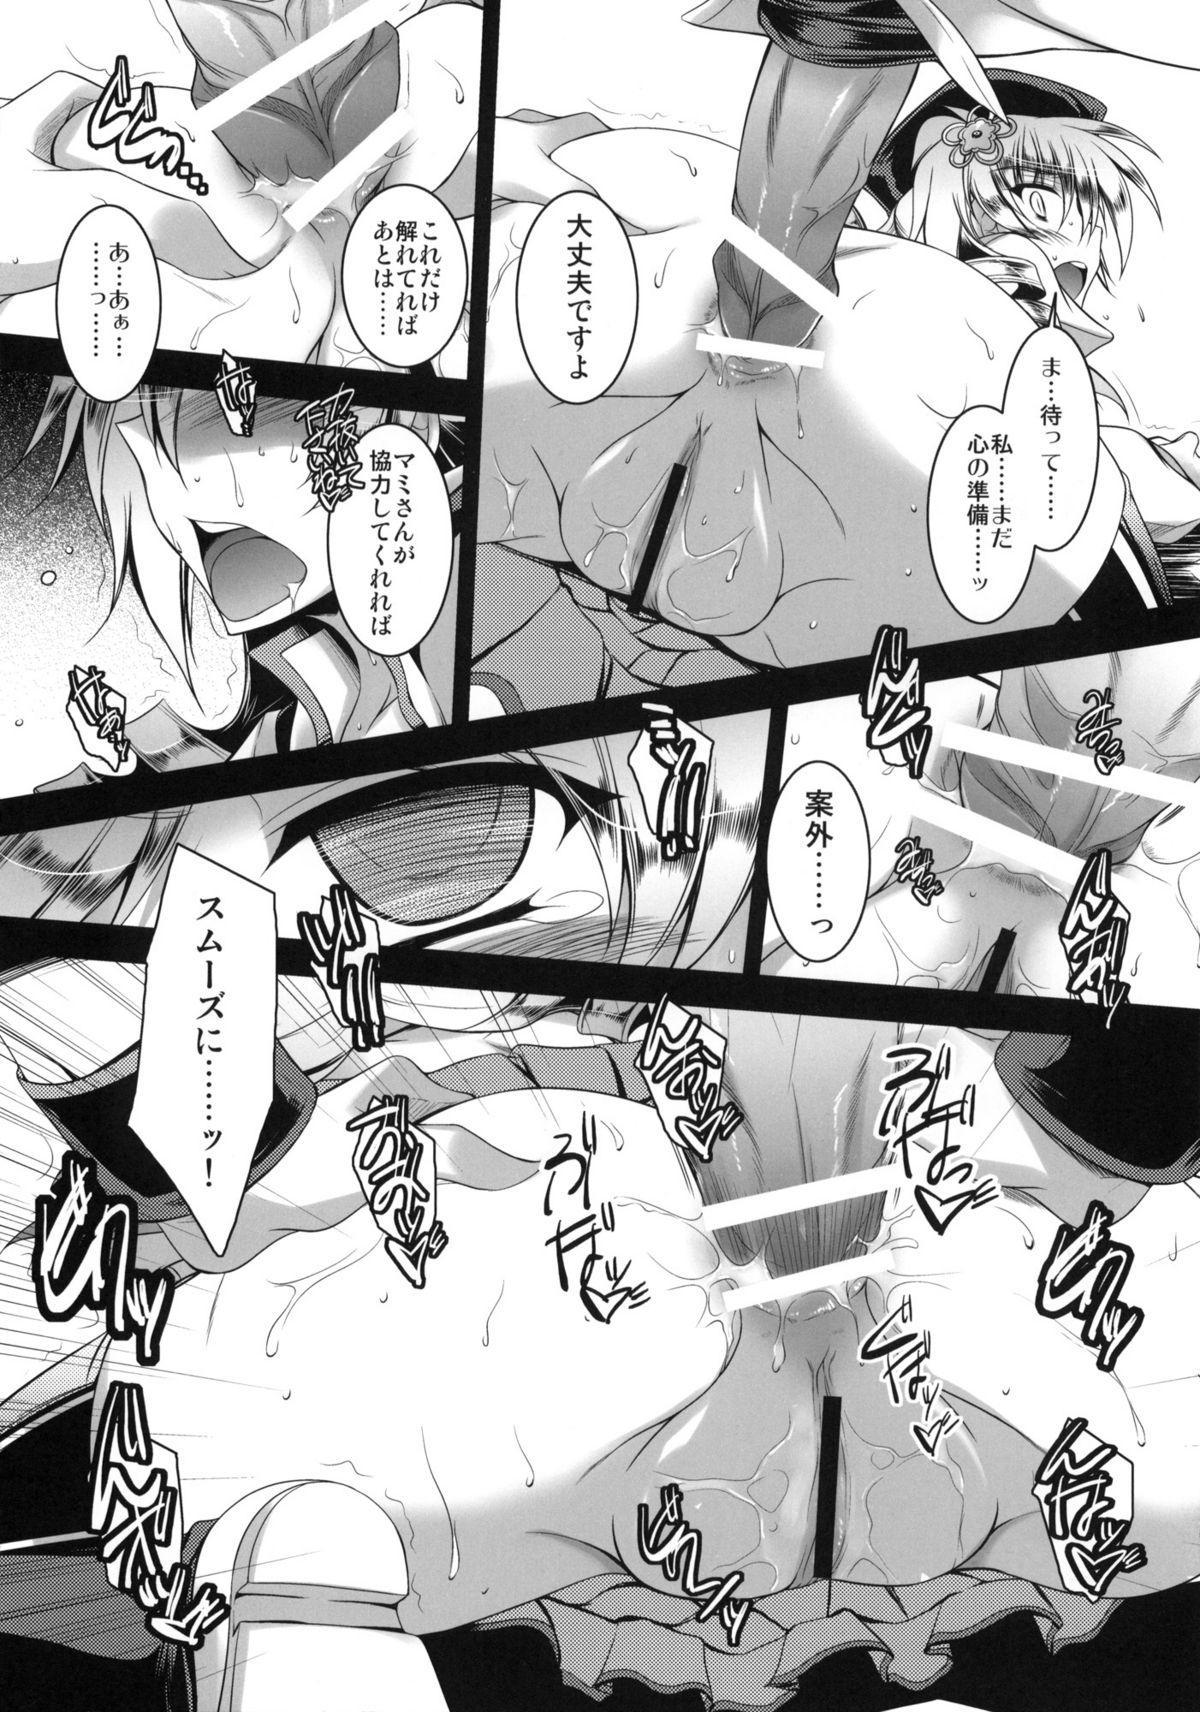 Mami-san no Seiiki de oo Shichau Hon 26